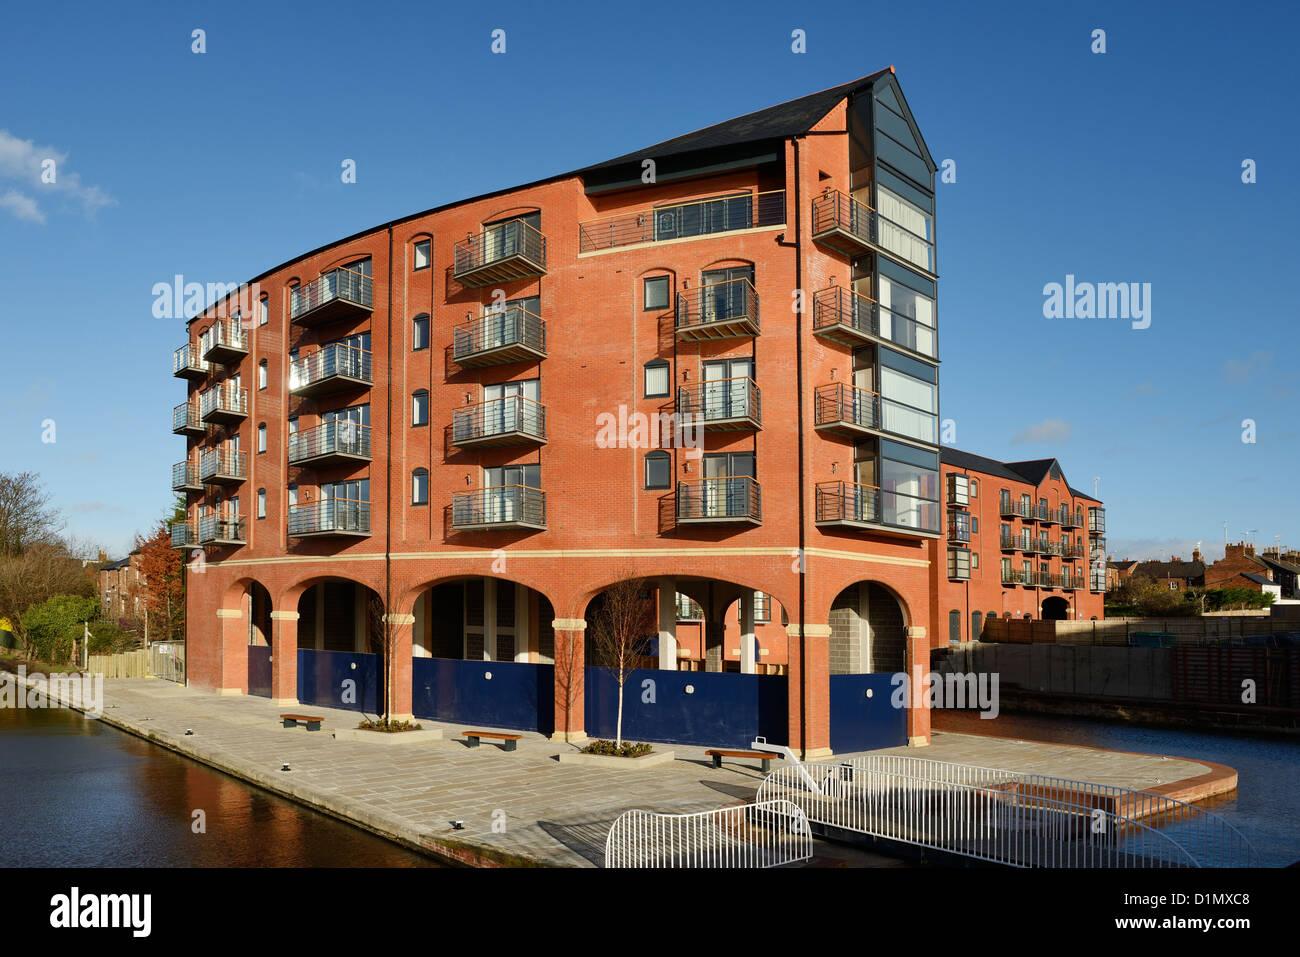 Construire de nouvelles maisons et appartements à Chester UK Photo Stock